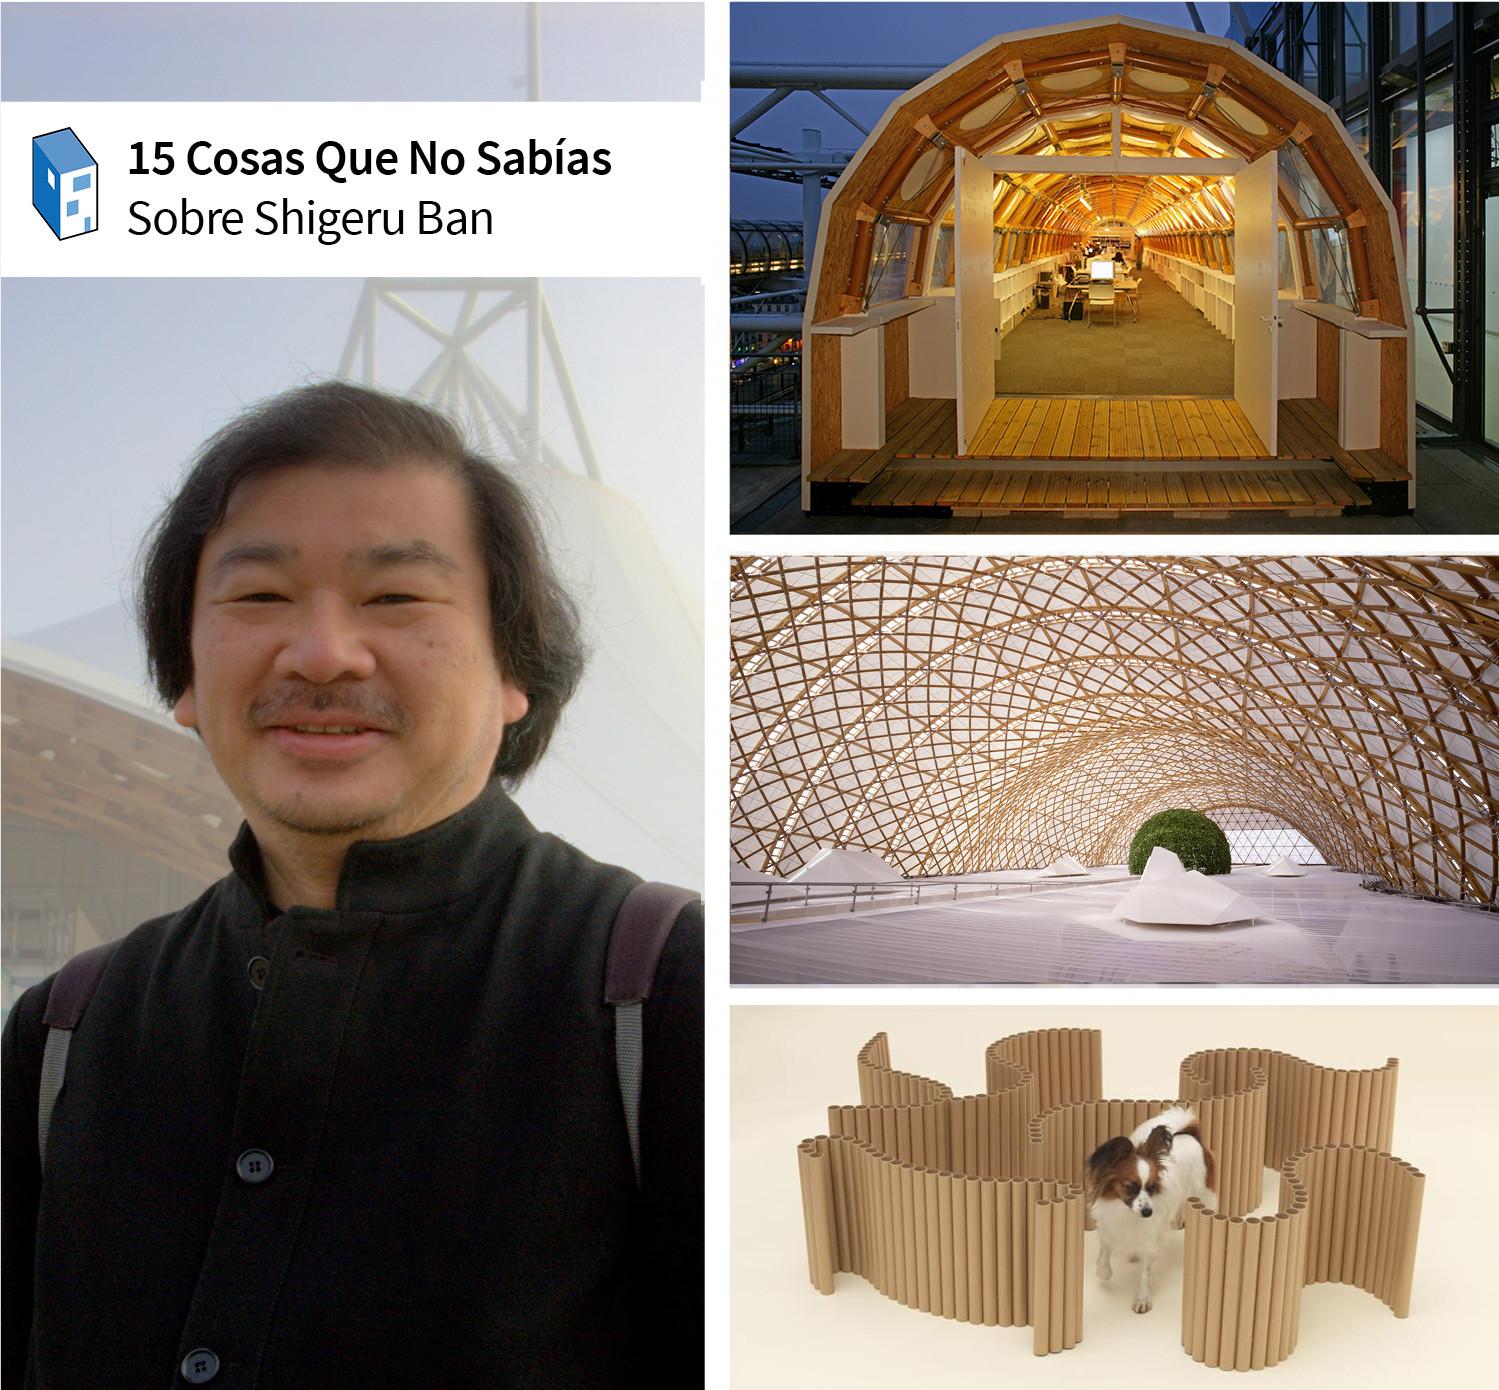 15 Cosas que No Sabías de Shigeru Ban, A la izquierda, Shigeru Ban (imagen © Usuario de Flickr VisiOkrOniK). A la derecha, de arriba hacia abajo, el estudio temporario de papel (© Didier Boy de la Tour), el Pabellon Japonés del Expo Hanover 2000 (© Hiroyuki Hirai), y el diseño para 'Arquitectura para Perros' (© Hiroshi Yoda). Used under <a href='https://creativecommons.org/licenses/by-sa/2.0/'>Creative Commons</a>